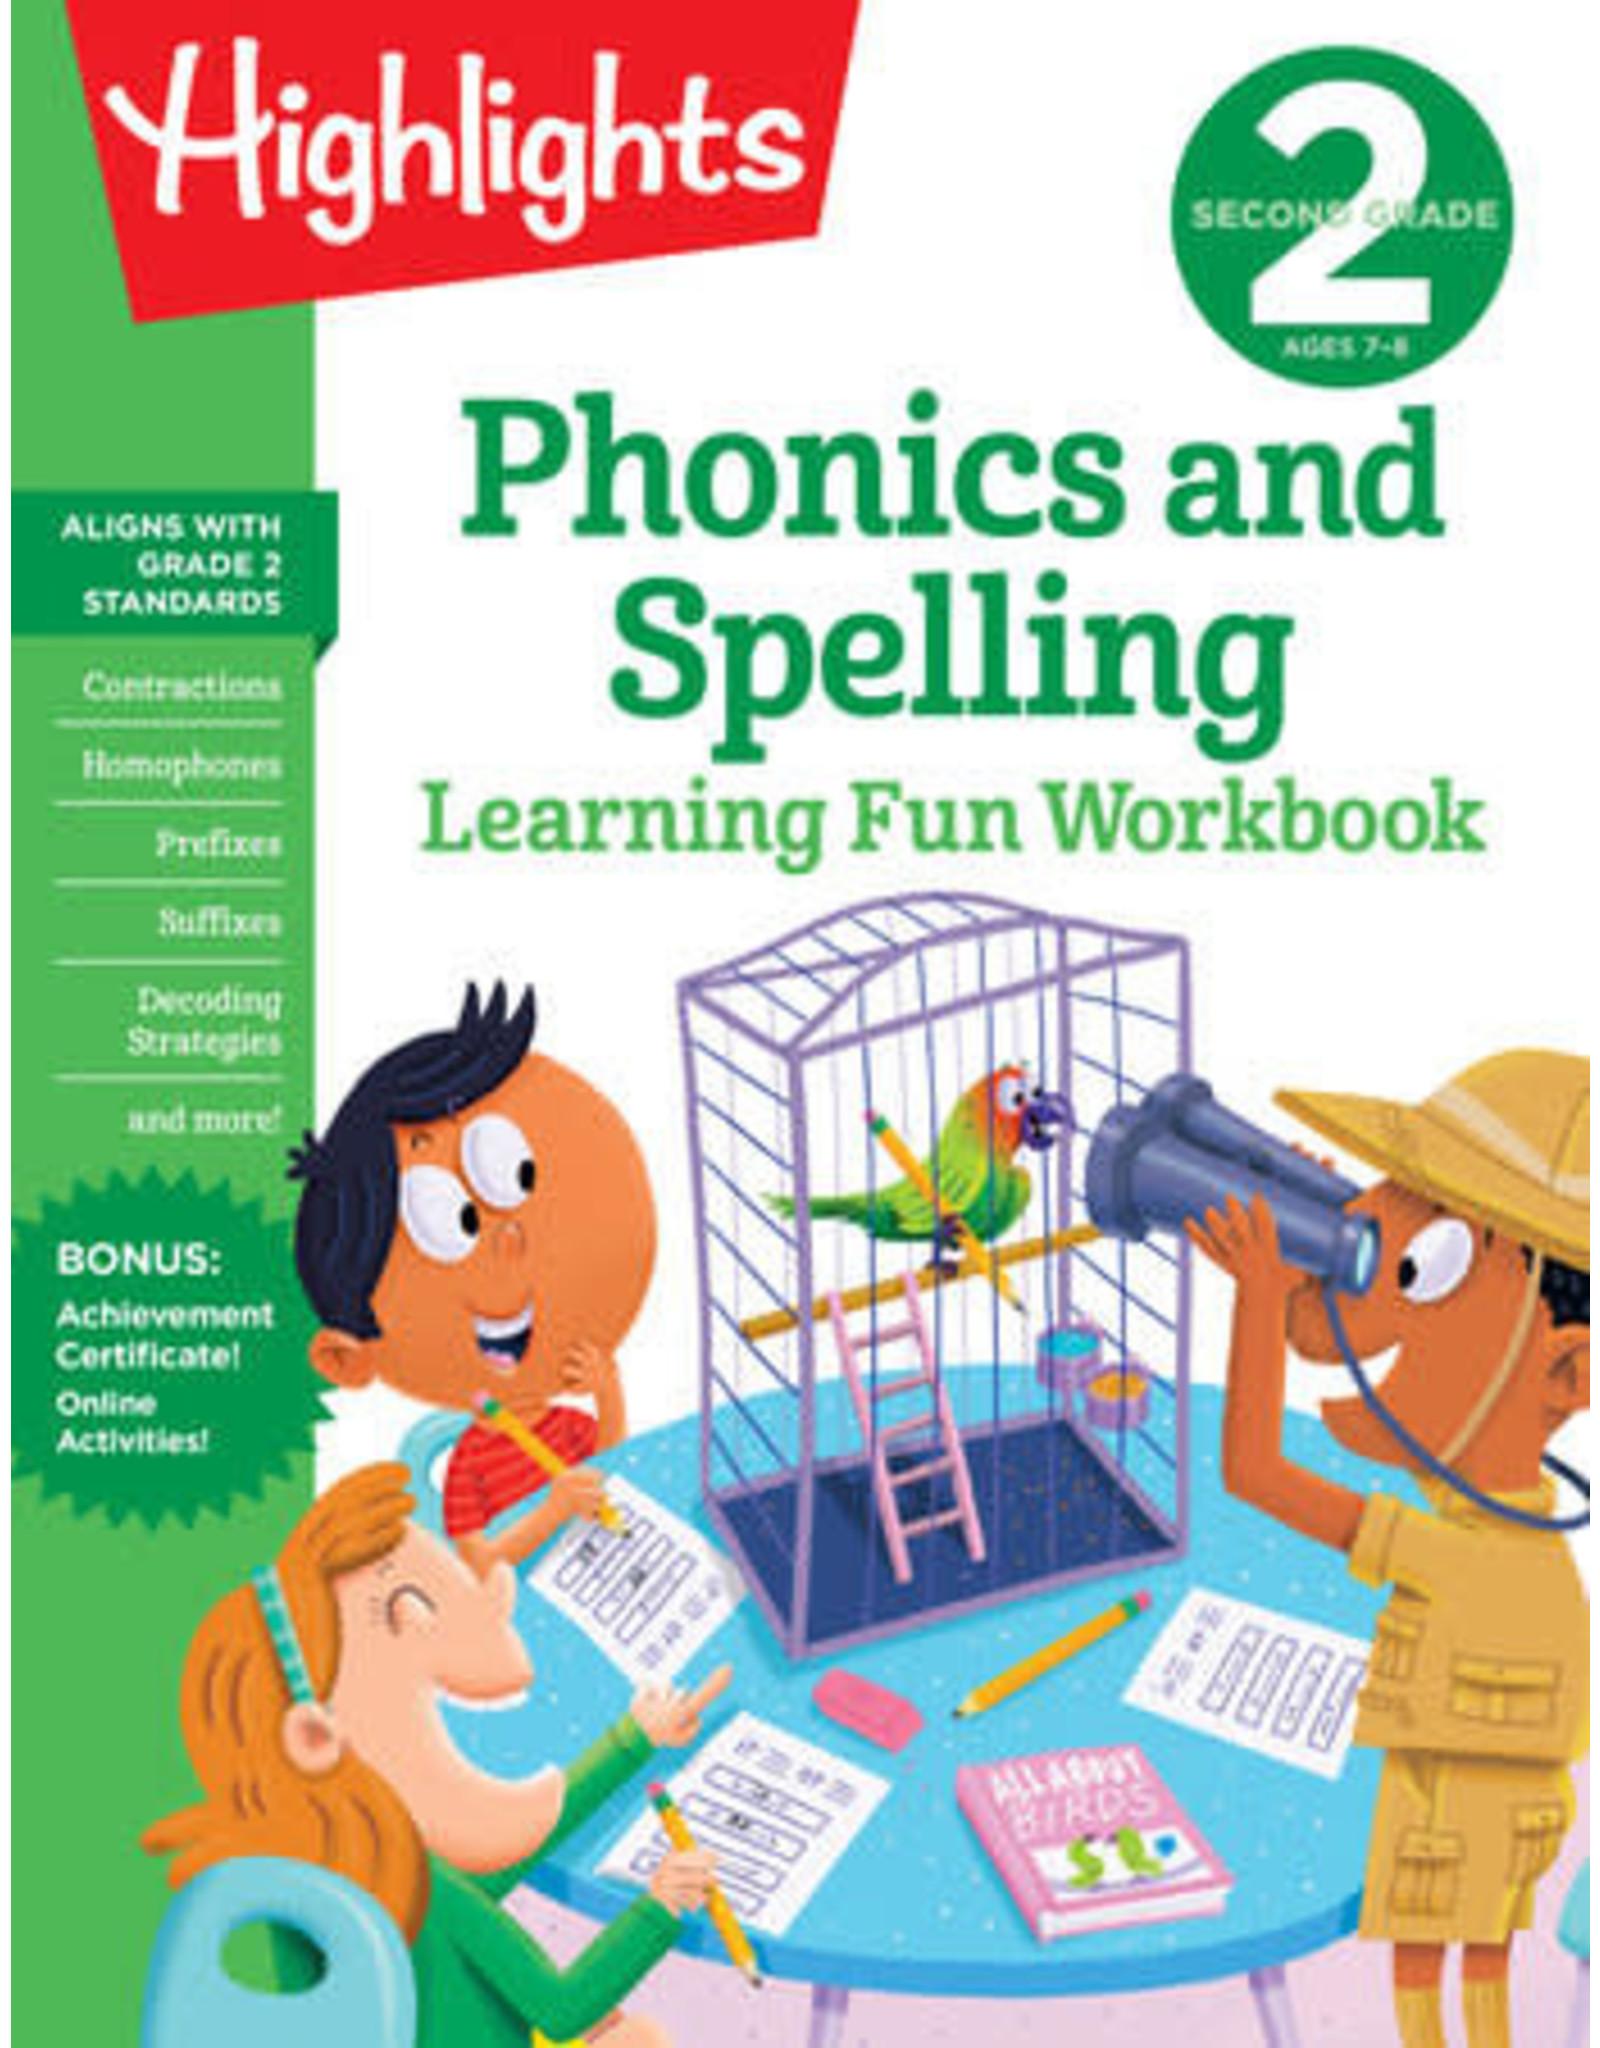 Highlights Highlights Second Grade Phonics & Spelling